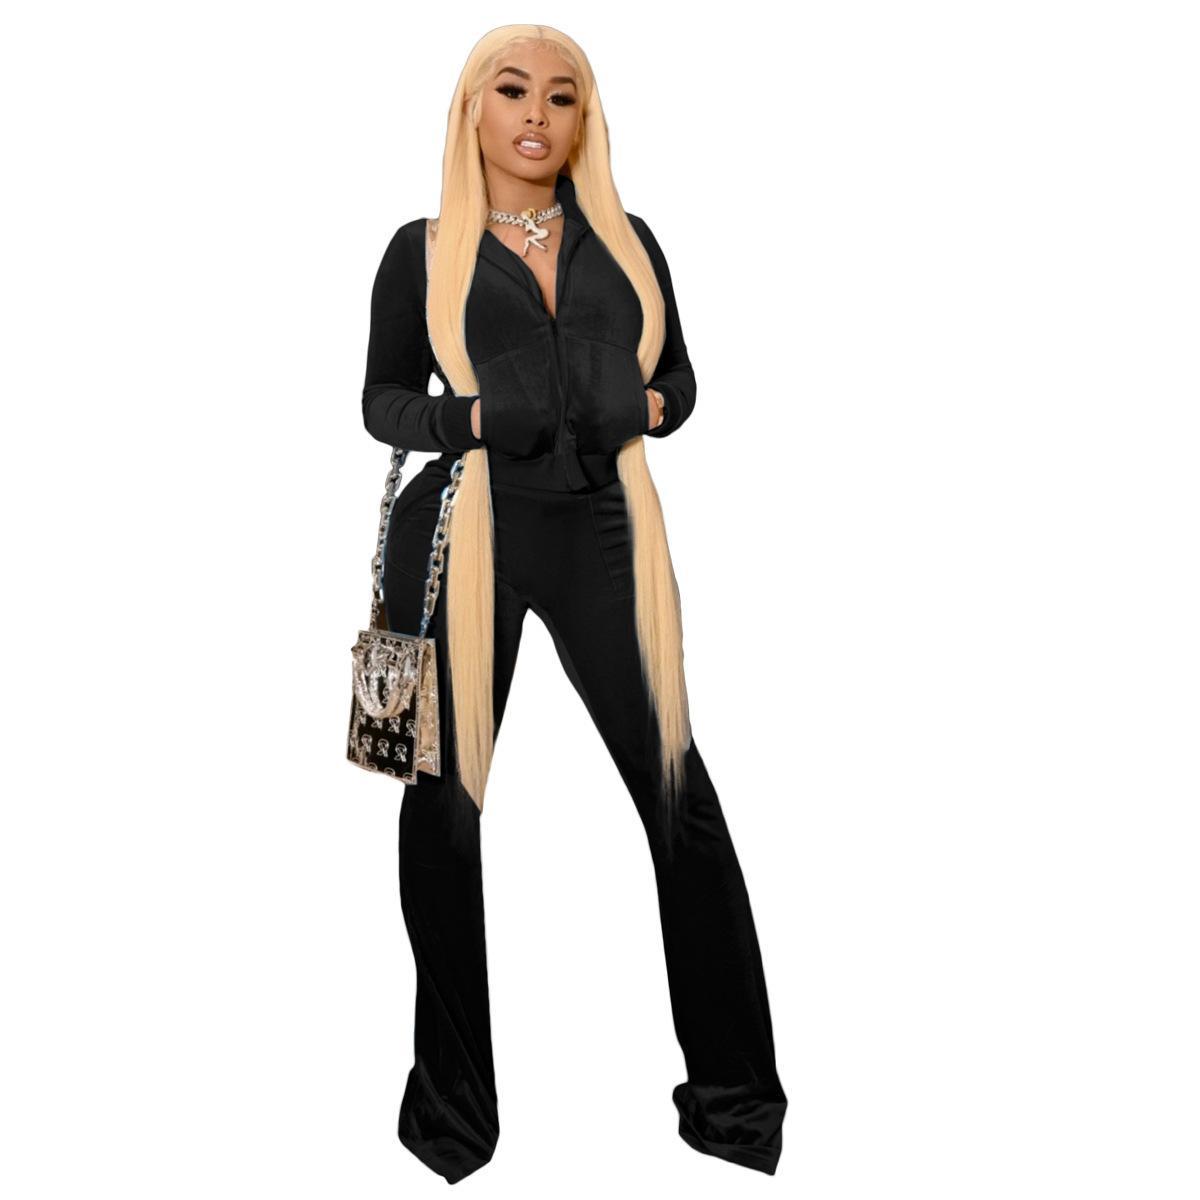 Kadınlar için Kıyafet Parçası Seti Açın Yaka Coat + Pantolon Tam Kollu Sportsuit Bahar Giysileri Rahat Veet İki